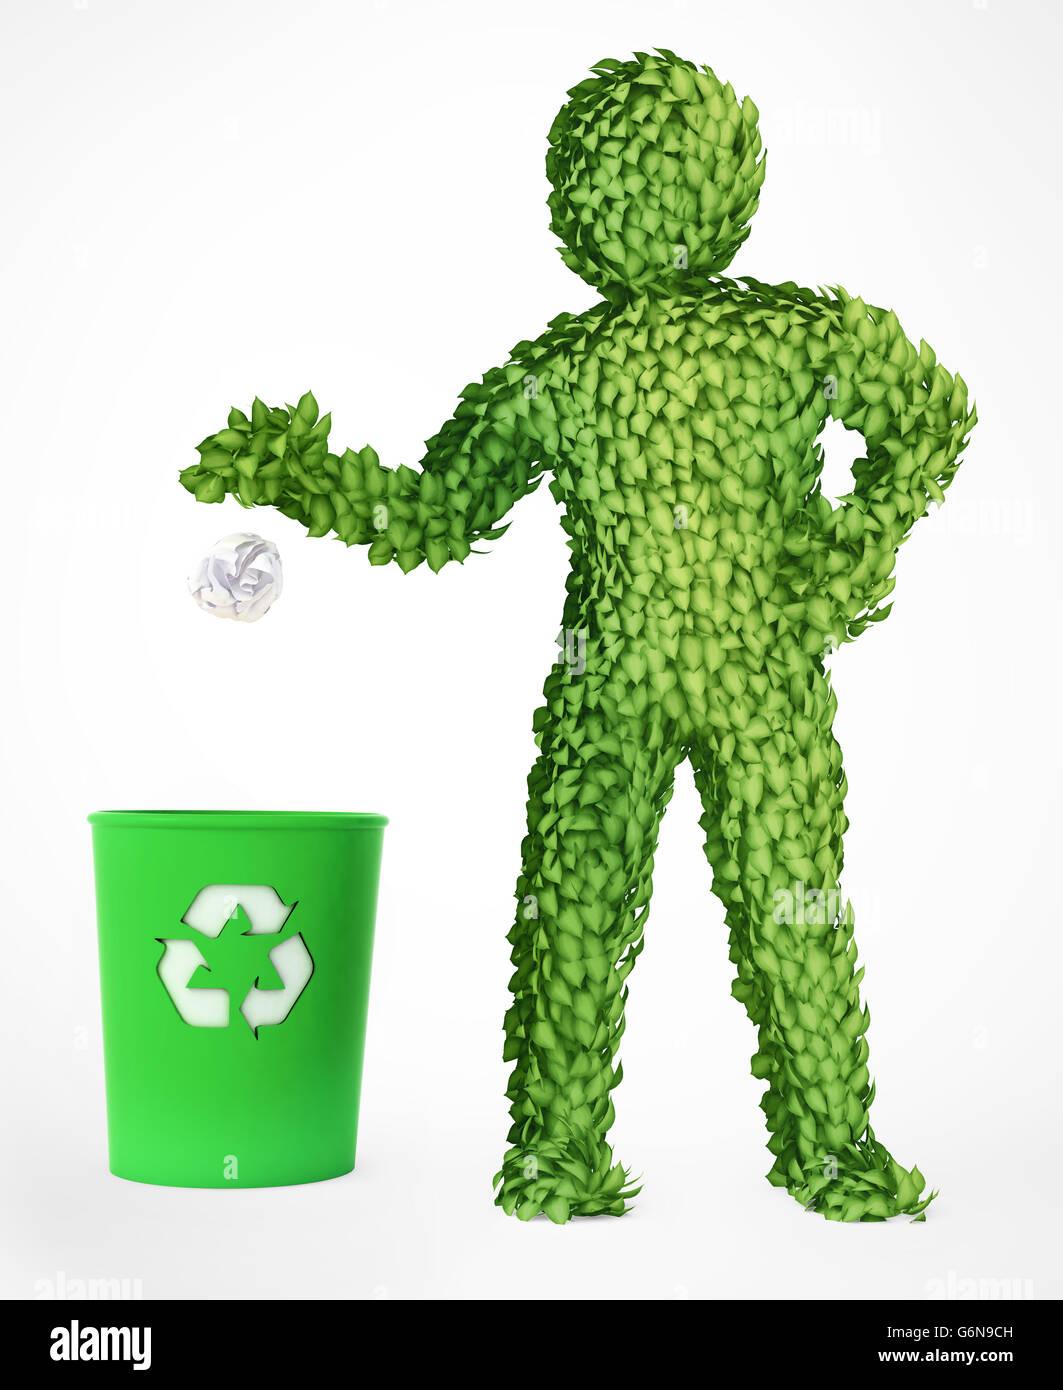 Couvert de feuilles eco friendly 3D character Photo Stock